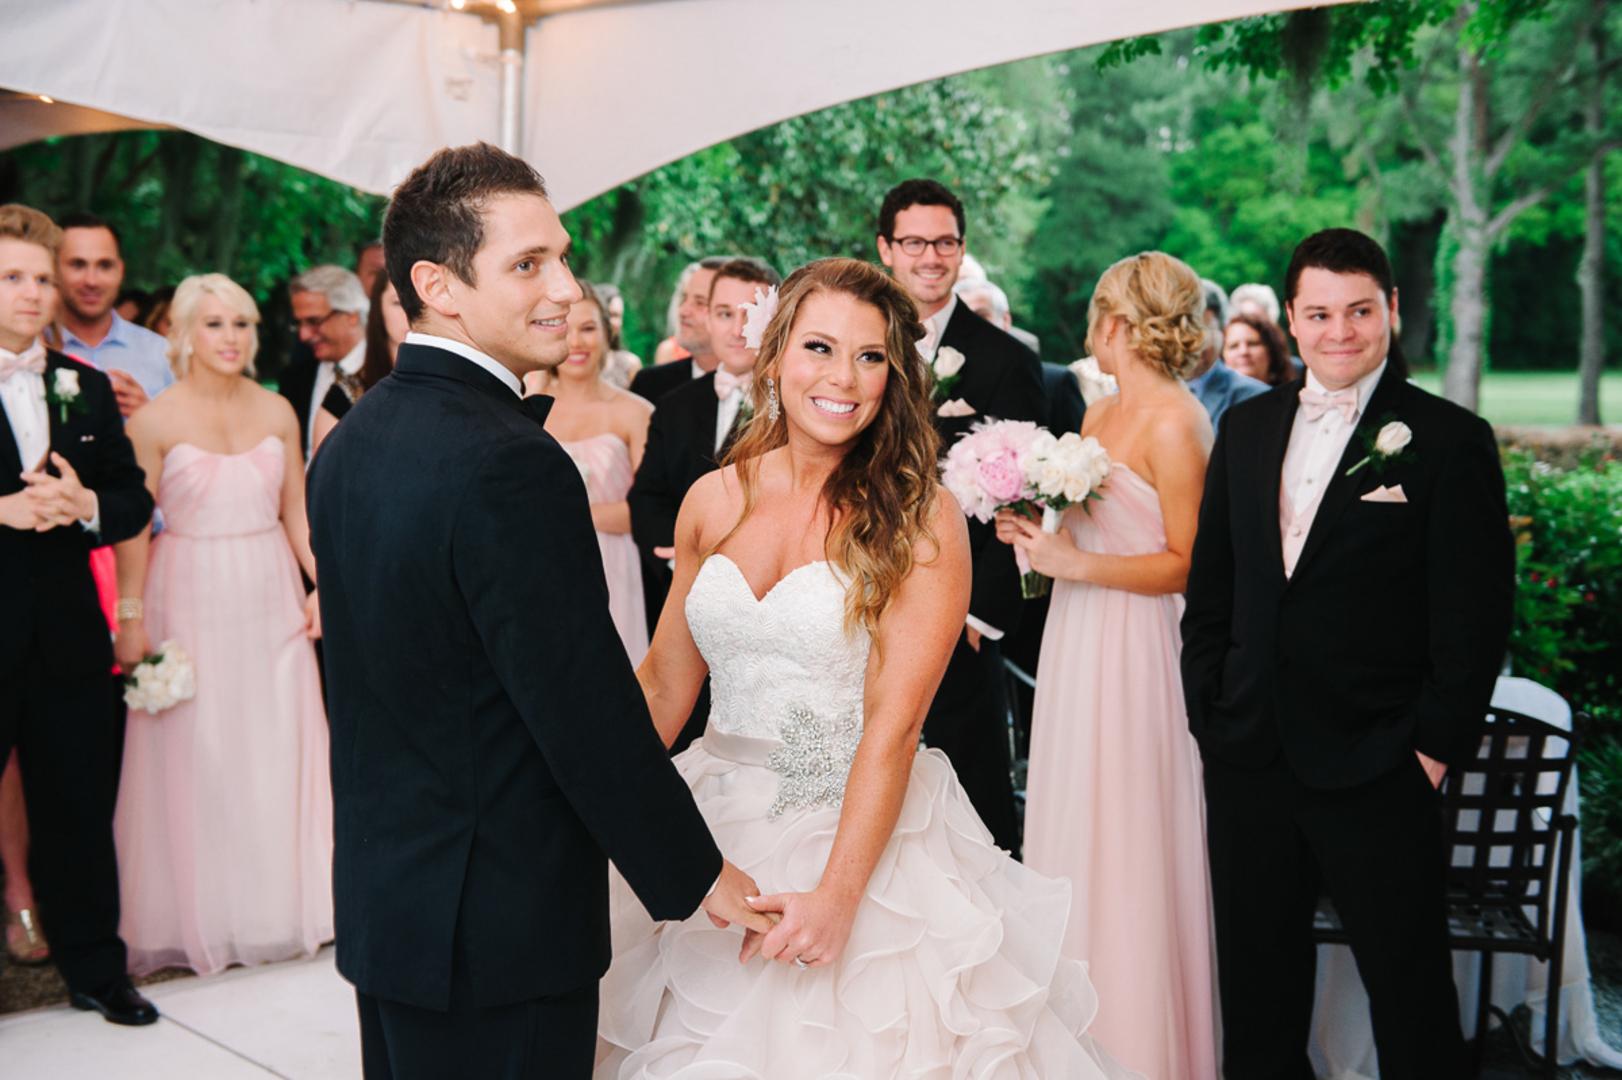 wedgefield-plantation-wedding-11.jpg